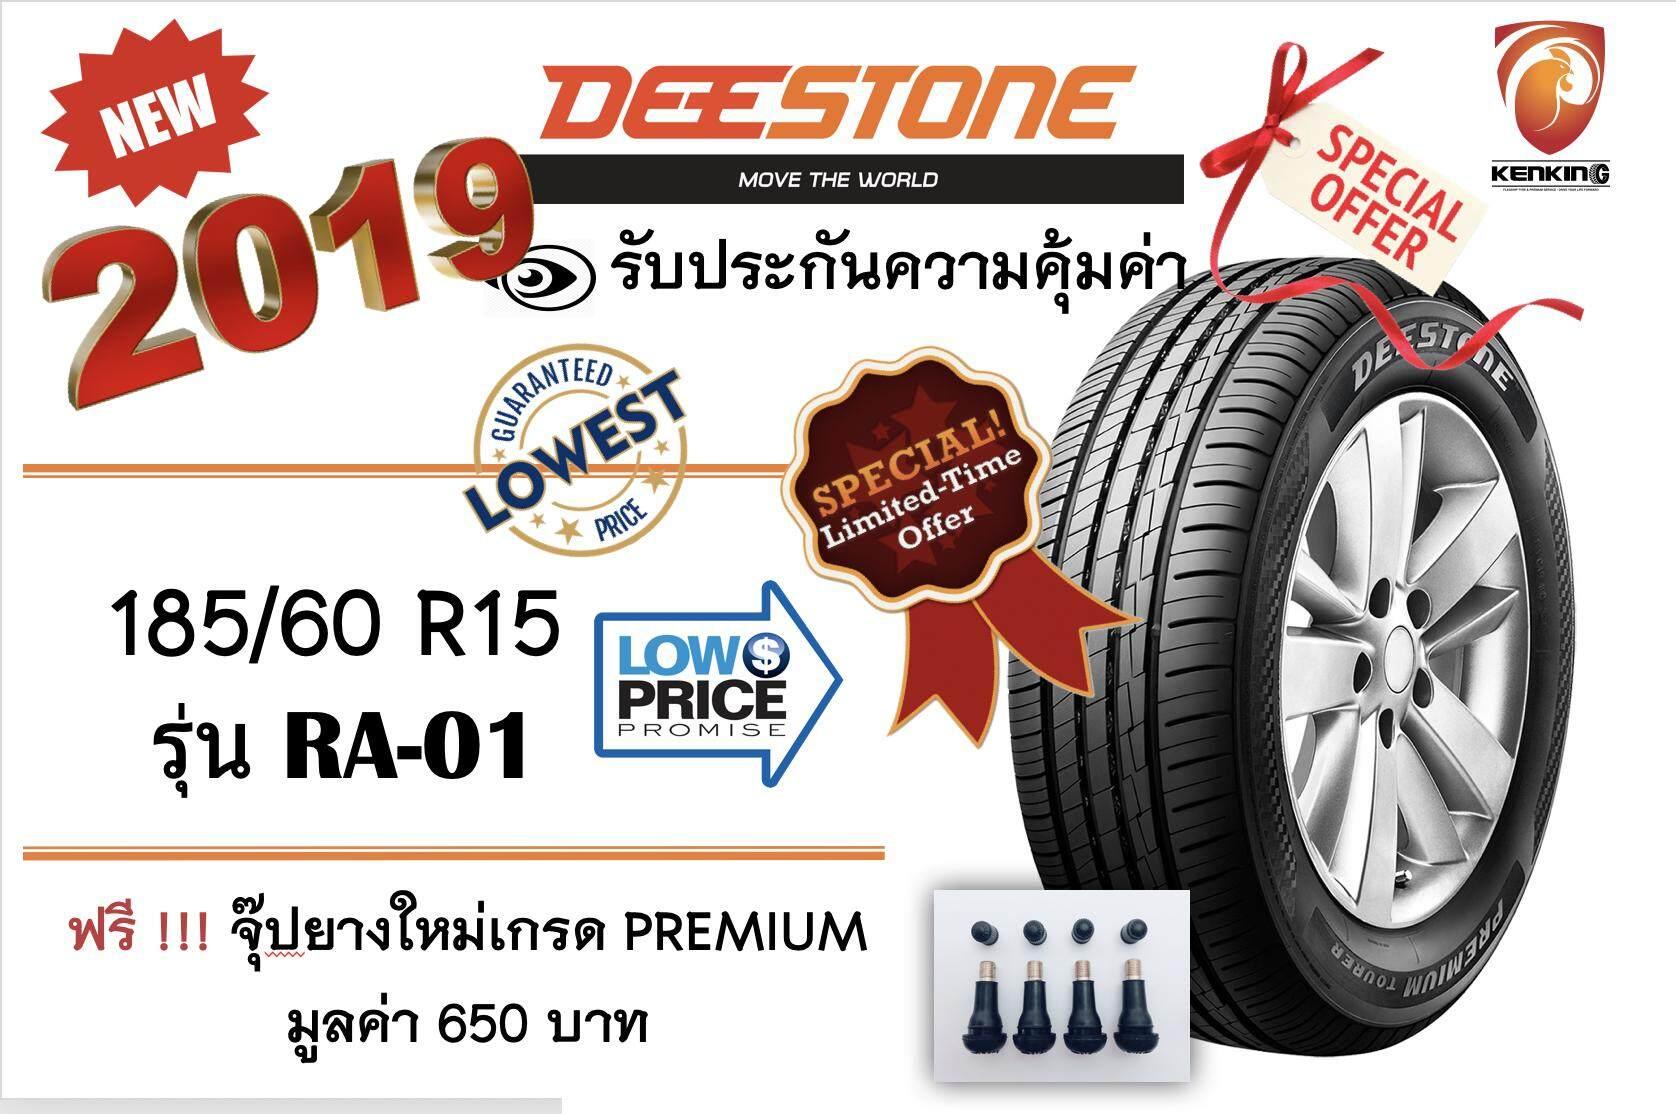 ซื้อที่ไหน  ประจวบคีรีขันธ์ ยางรถยนต์ขอบ15 Deestone 185/60 R15 RA-01 NEW!! 2019 ( 1 เส้น ) FREE !! จุ๊ป PREMIUM BY KENKING POWER 650 บาท MADE IN JAPAN แท้ (ลิขสิทธิแท้รายเดียว)